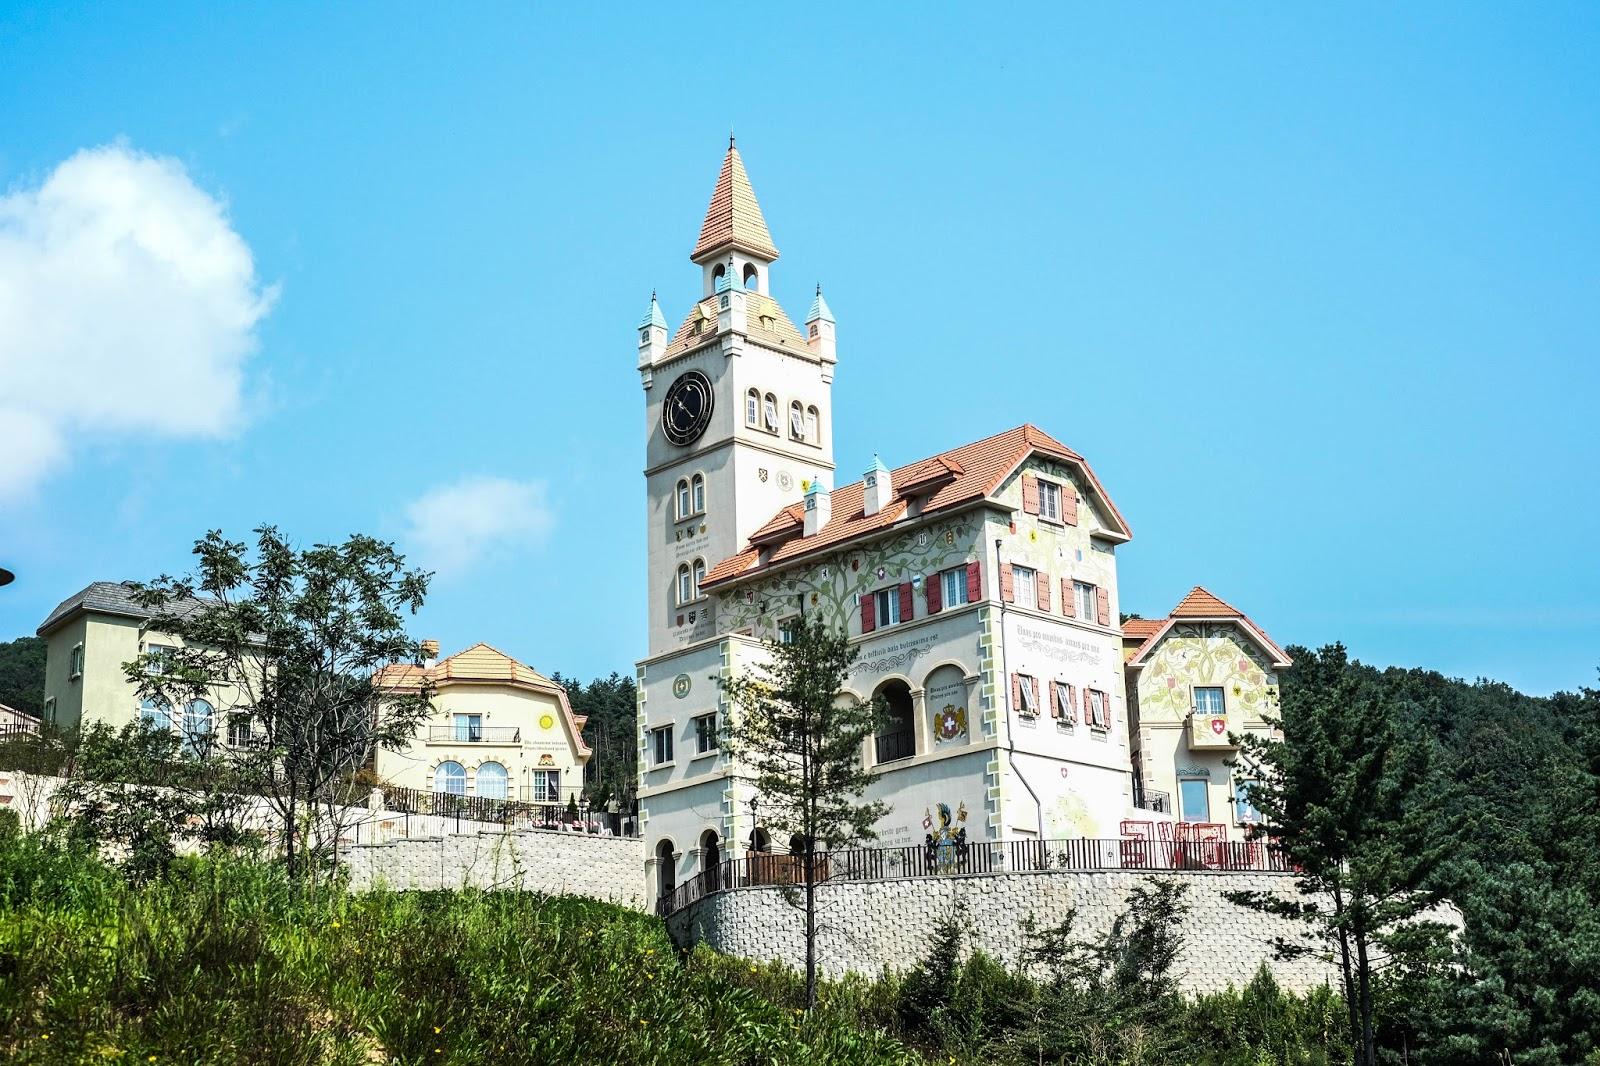 Edelweiss Swiss Thema Park Korea, Yangpyeong, Gyeoggi (6)